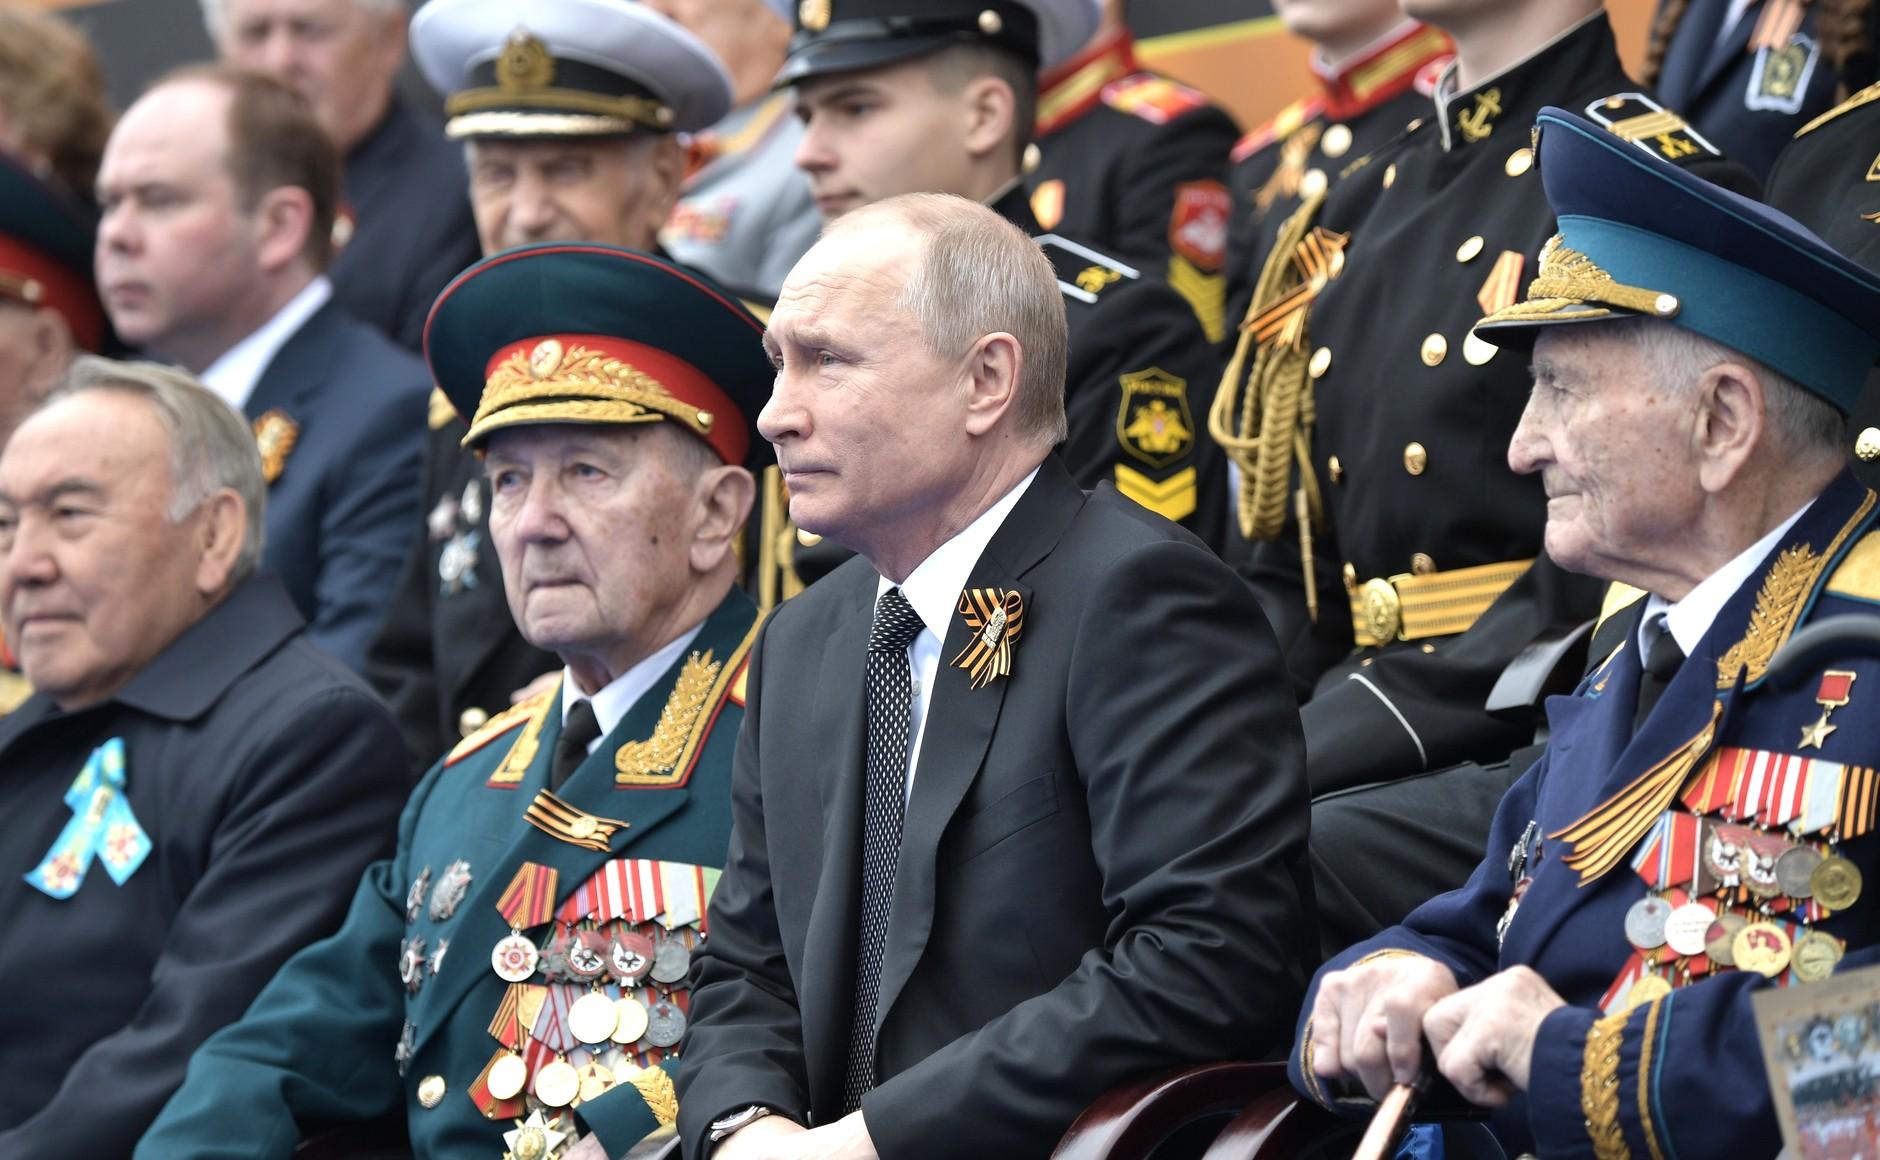 ВЦИОМ: почти половина россиян не знают, когда началась Вторая мировая